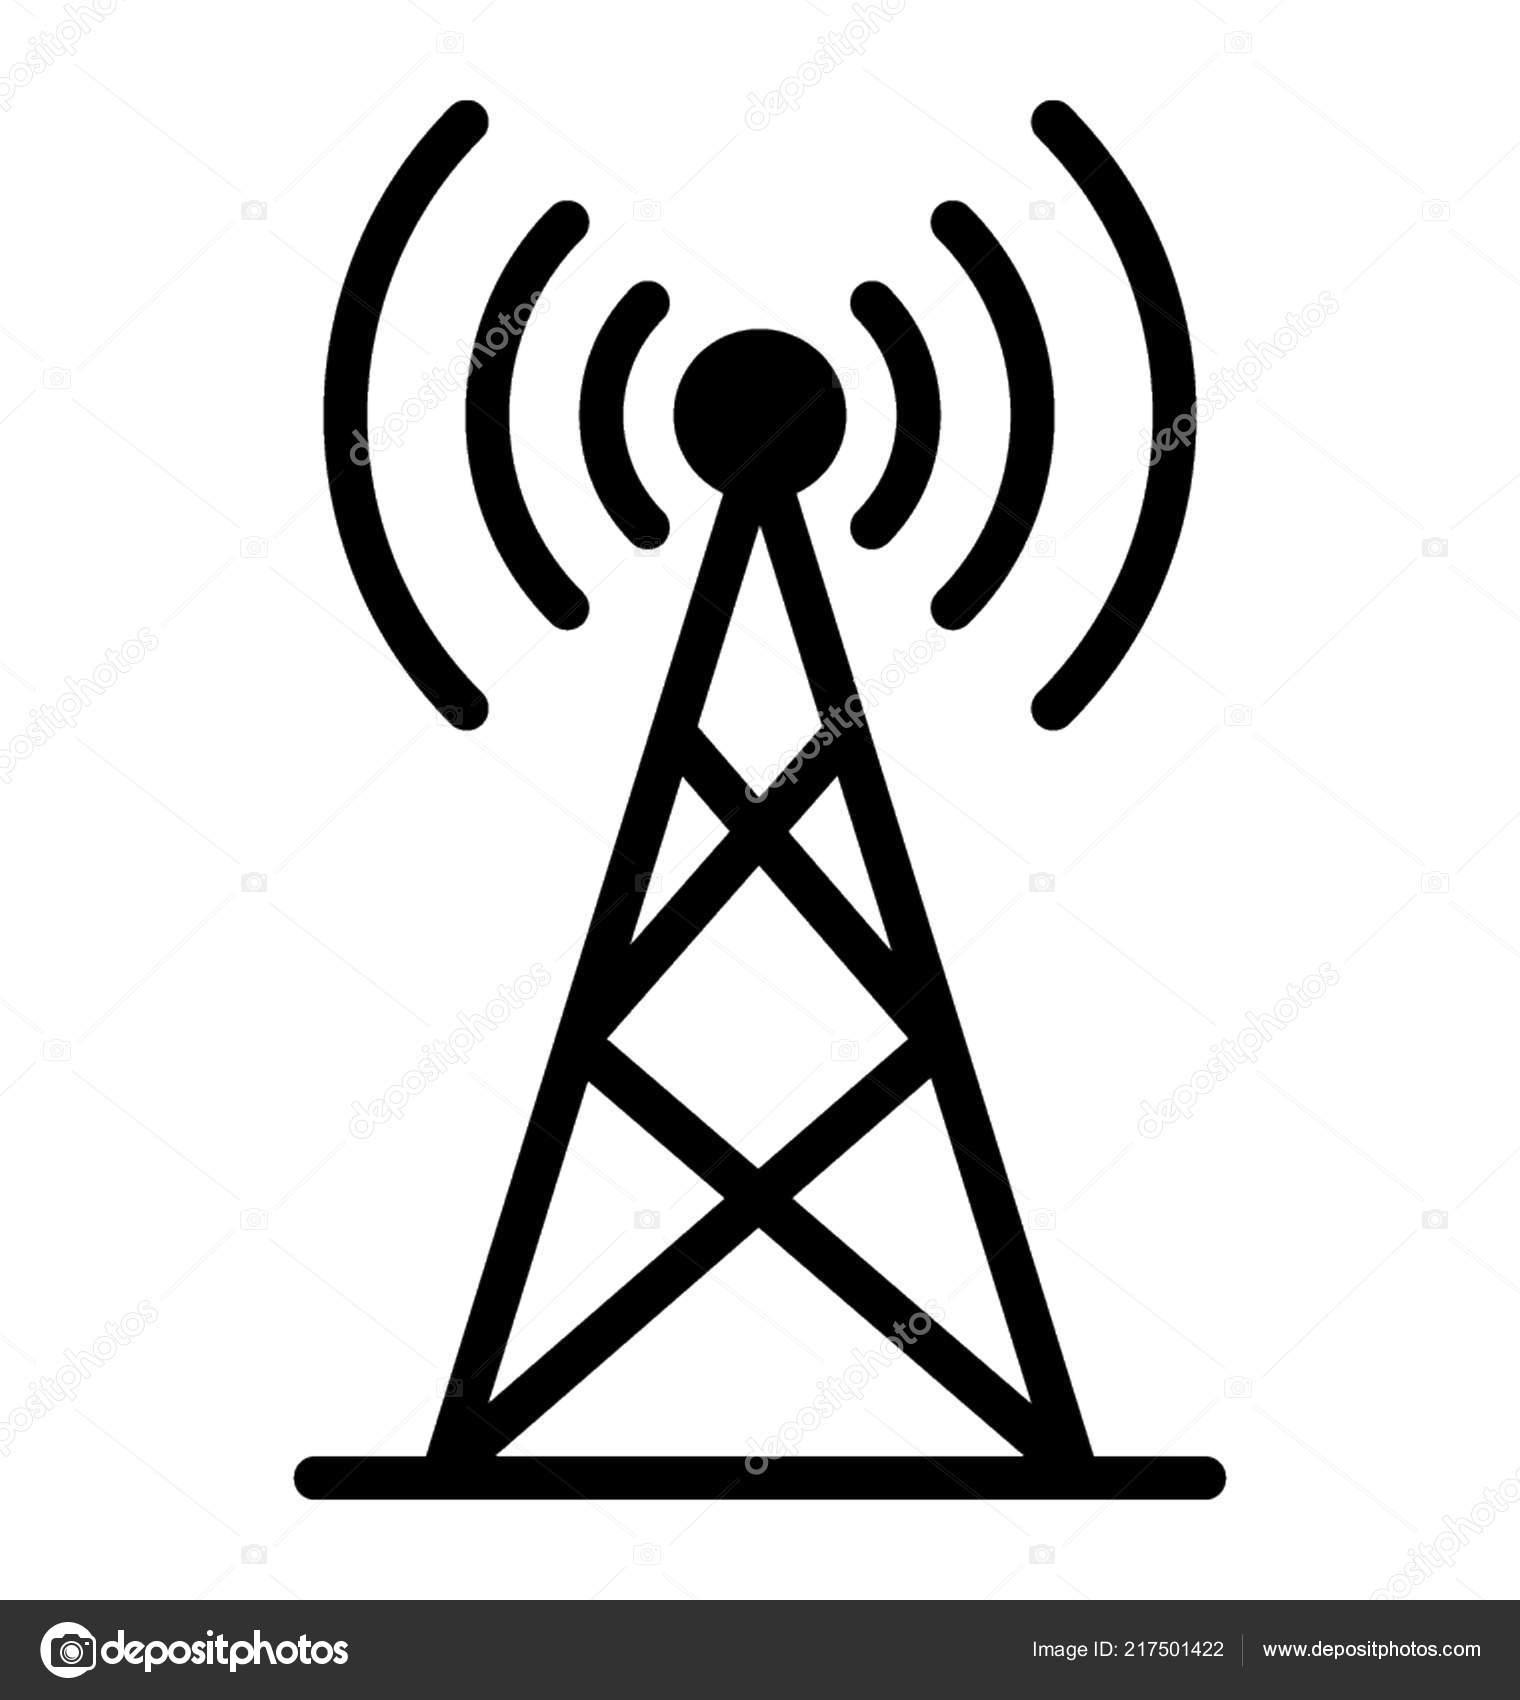 Wireless Internet Signals Network Tower Wireless Antenna